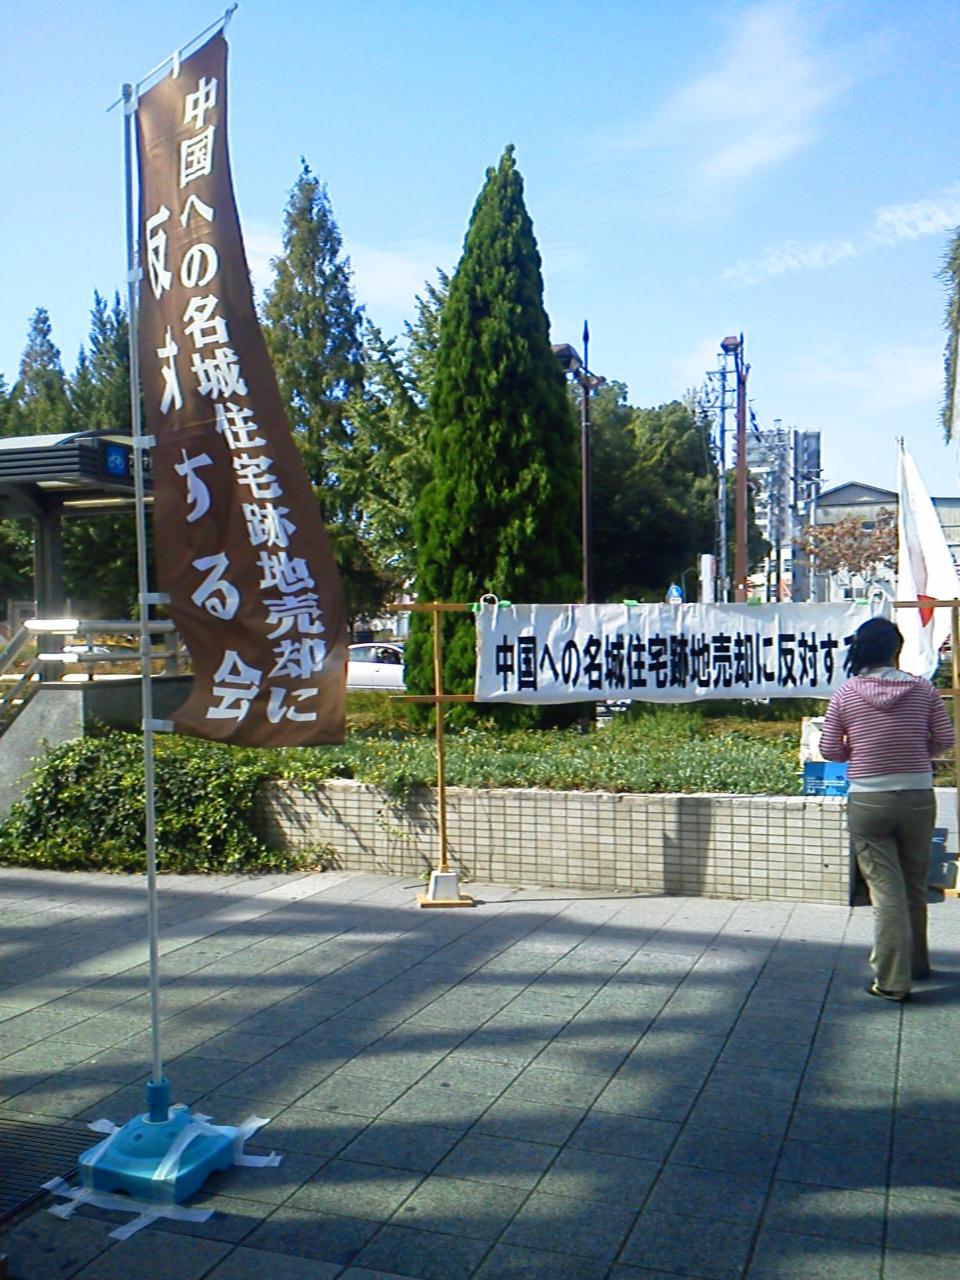 06ナゴヤドーム前名城住宅街宣2012.10.13